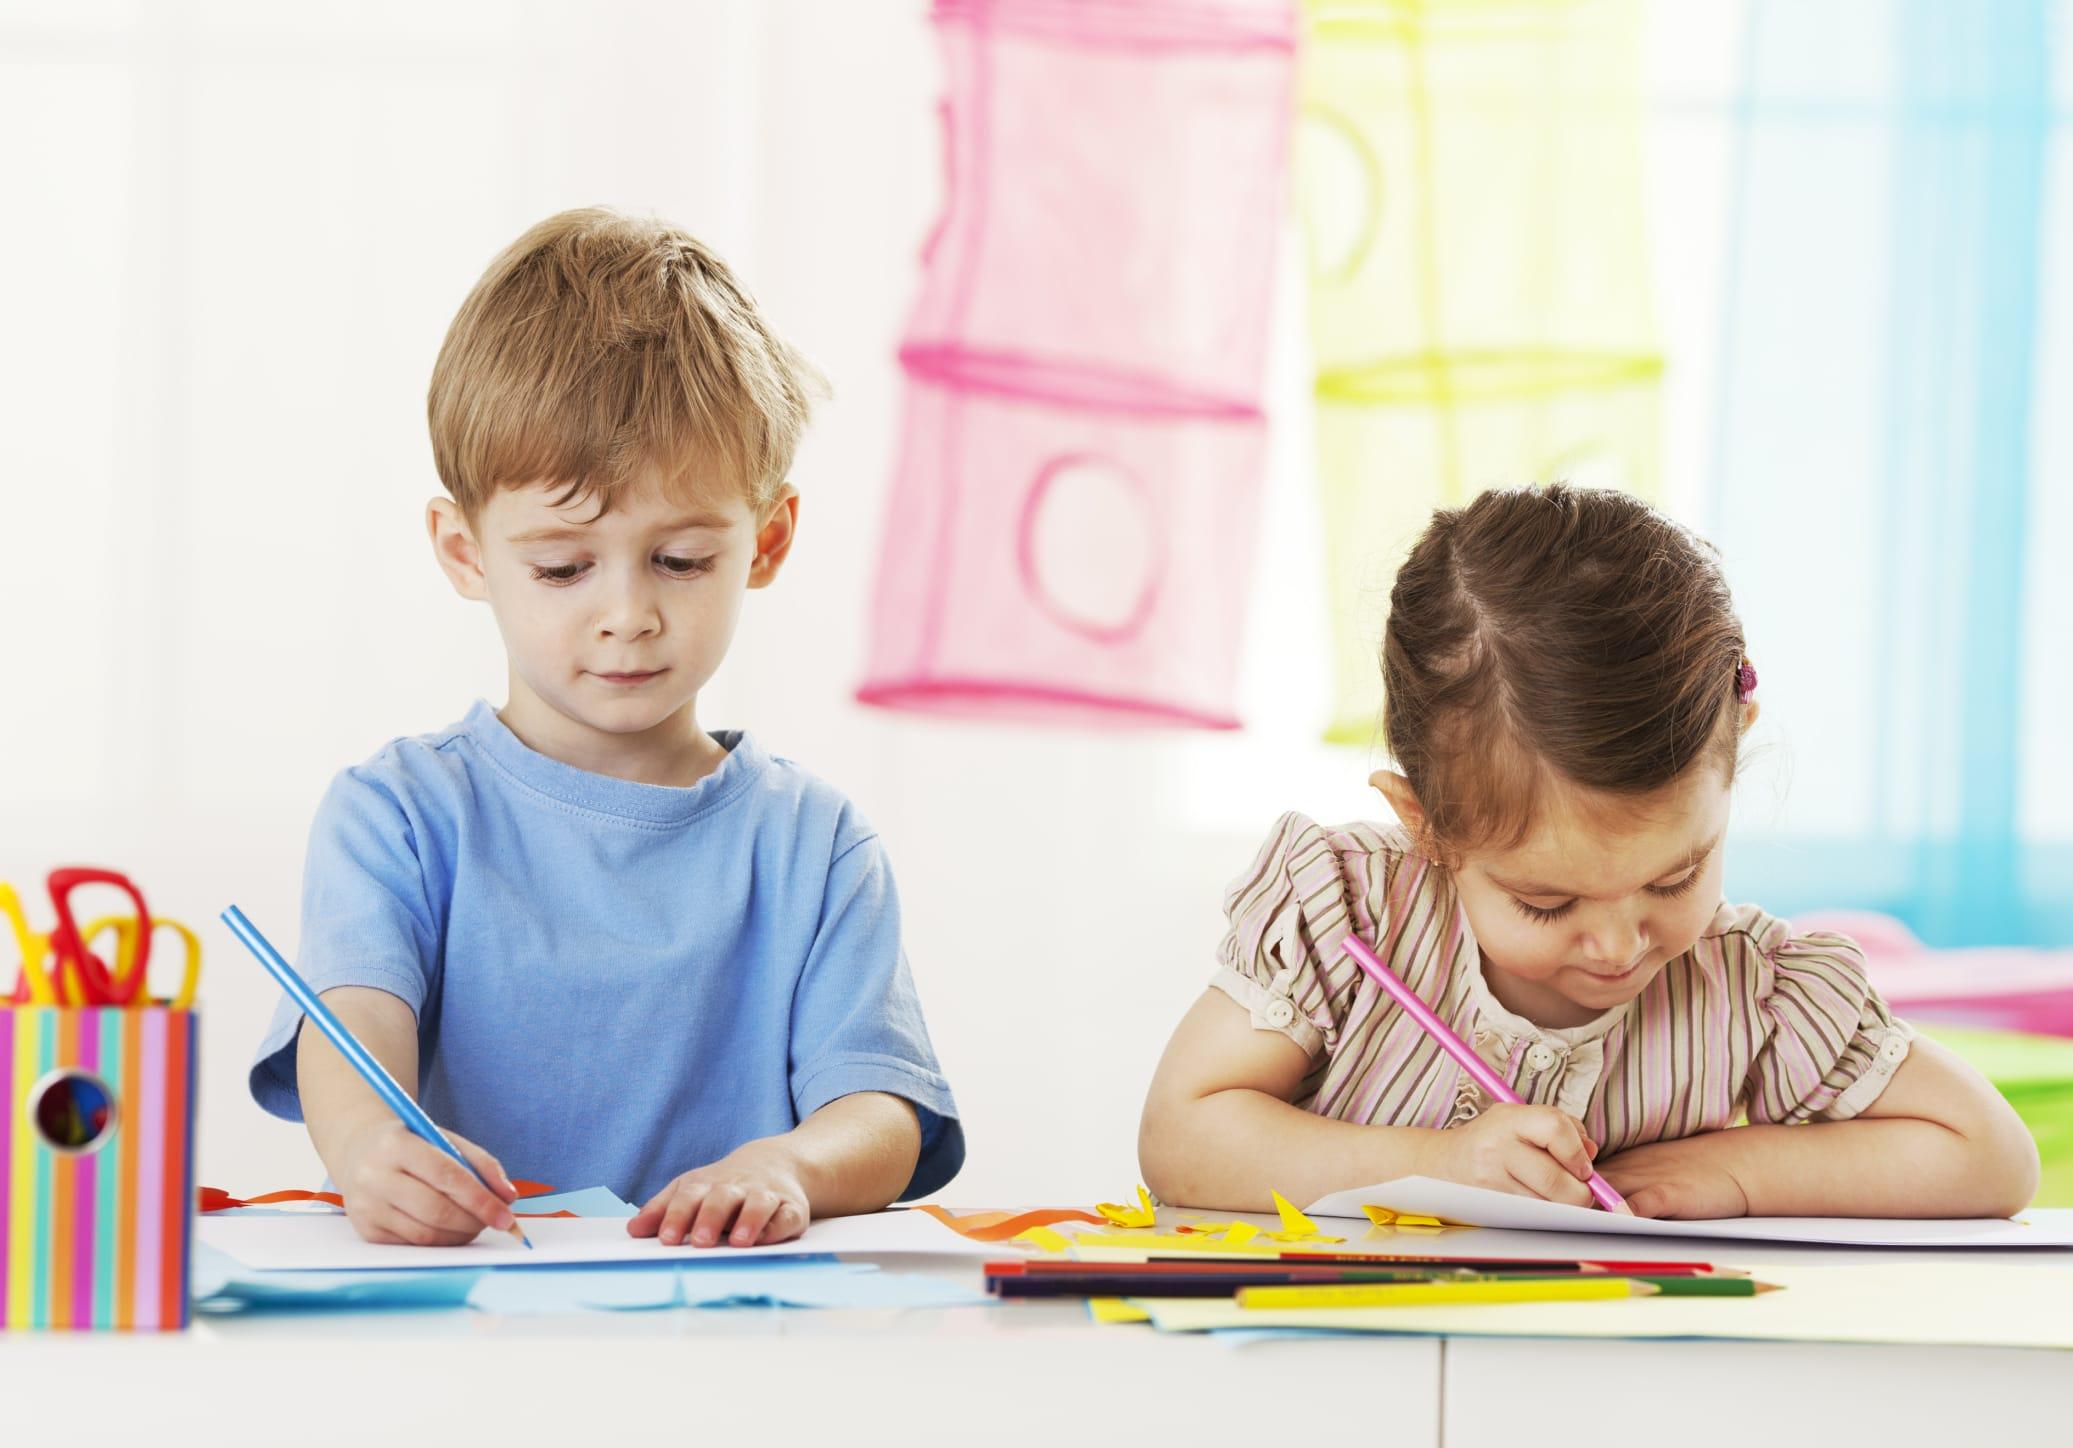 Crescere in Città con ITER e Città di Torino: un'opportunità per tutti i bambini